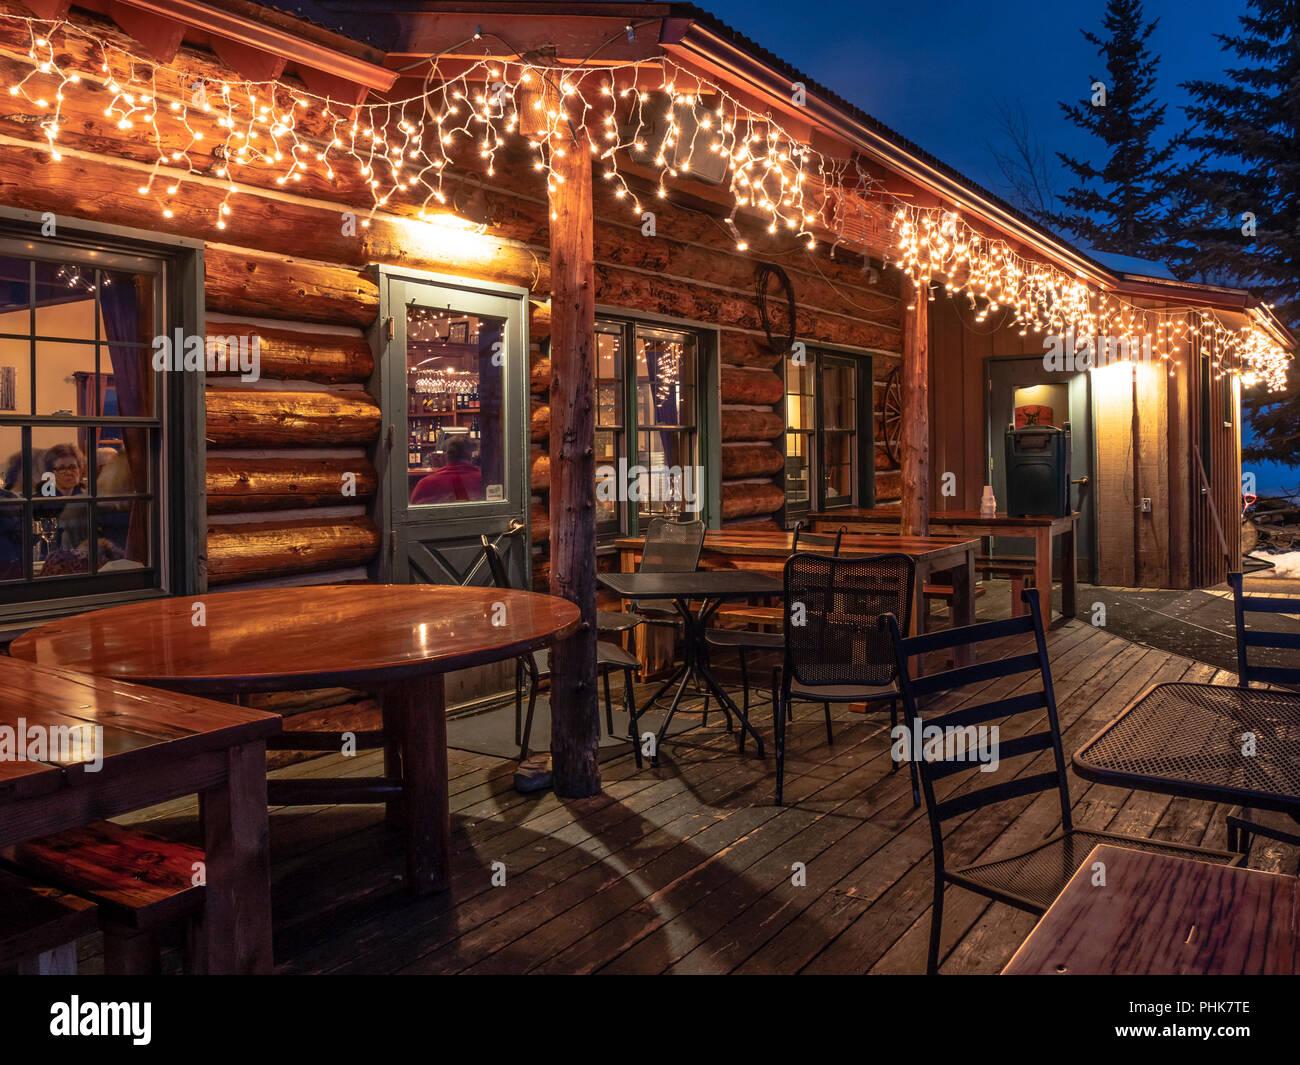 Lynn Britt Cabin at dusk, Snowmass Ski Resort, Snowmass Village, Colorado. - Stock Image